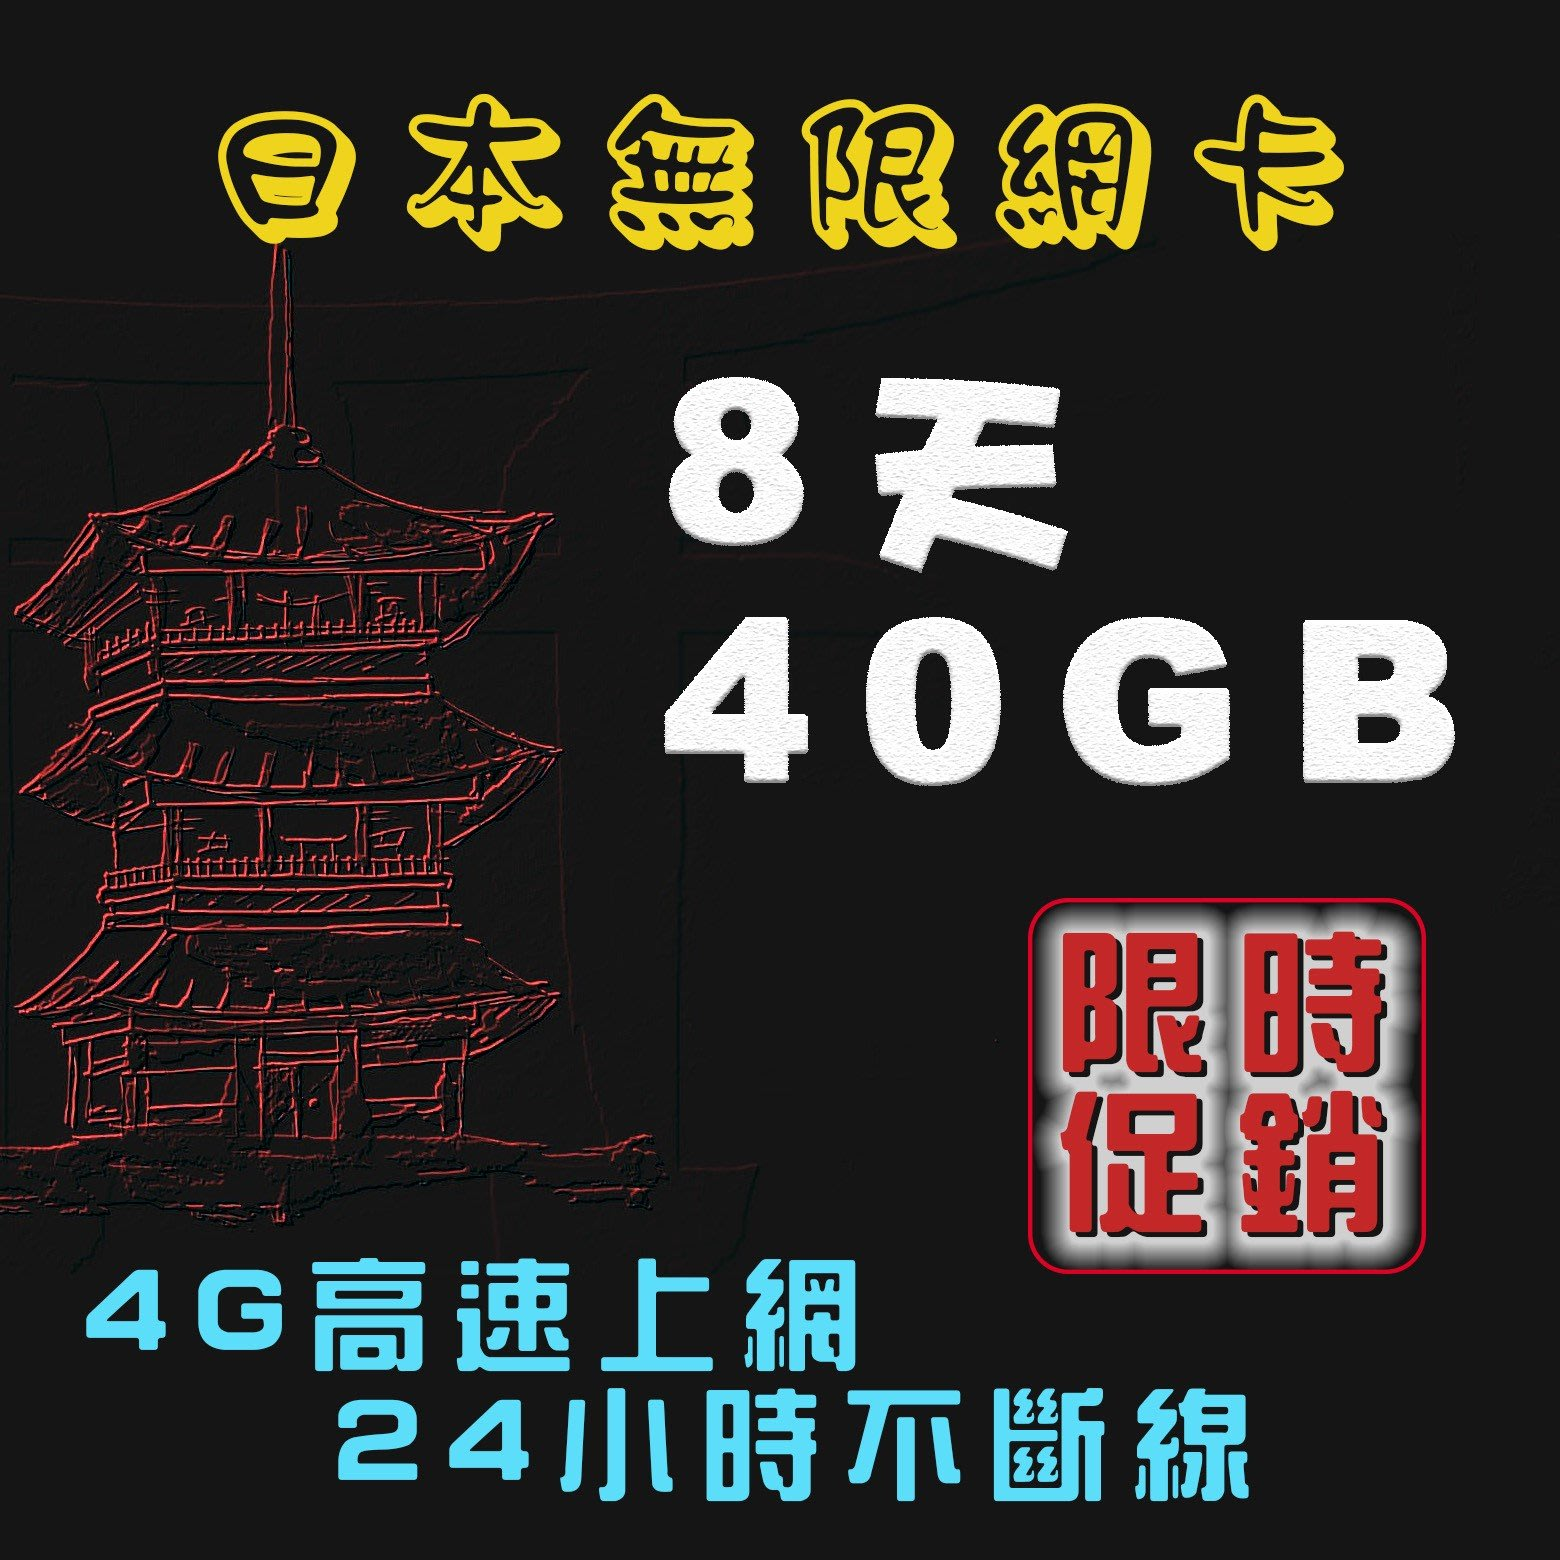 限時促銷日本無限網卡8天40GB 日本上網卡(雙網Docomo / Softbank)